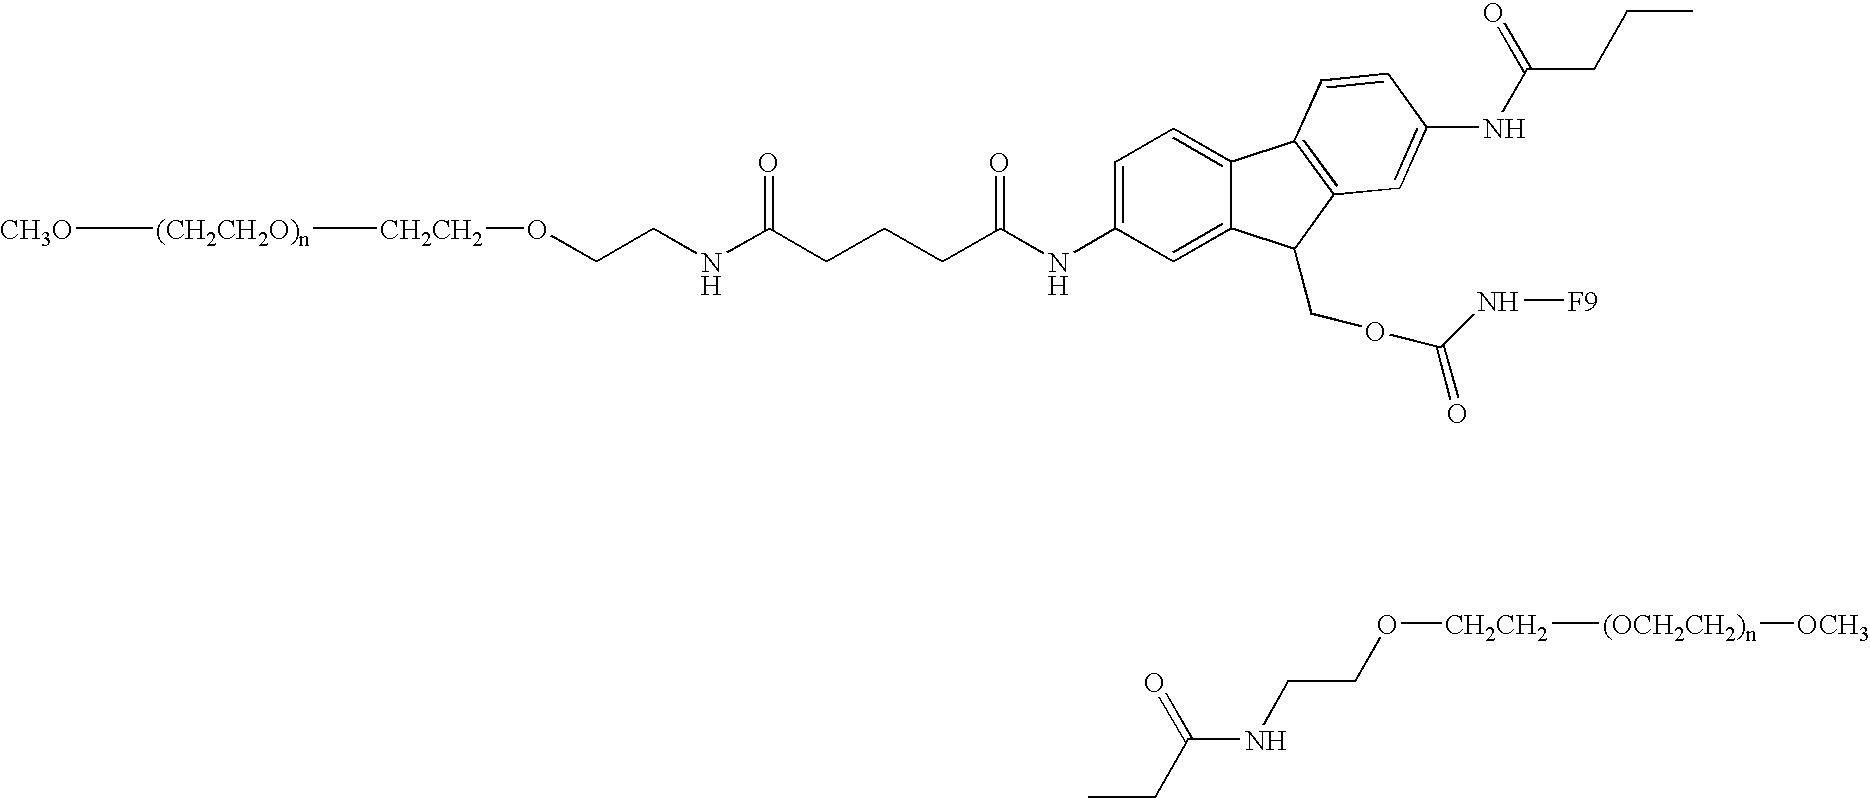 Figure US20080188414A1-20080807-C00016